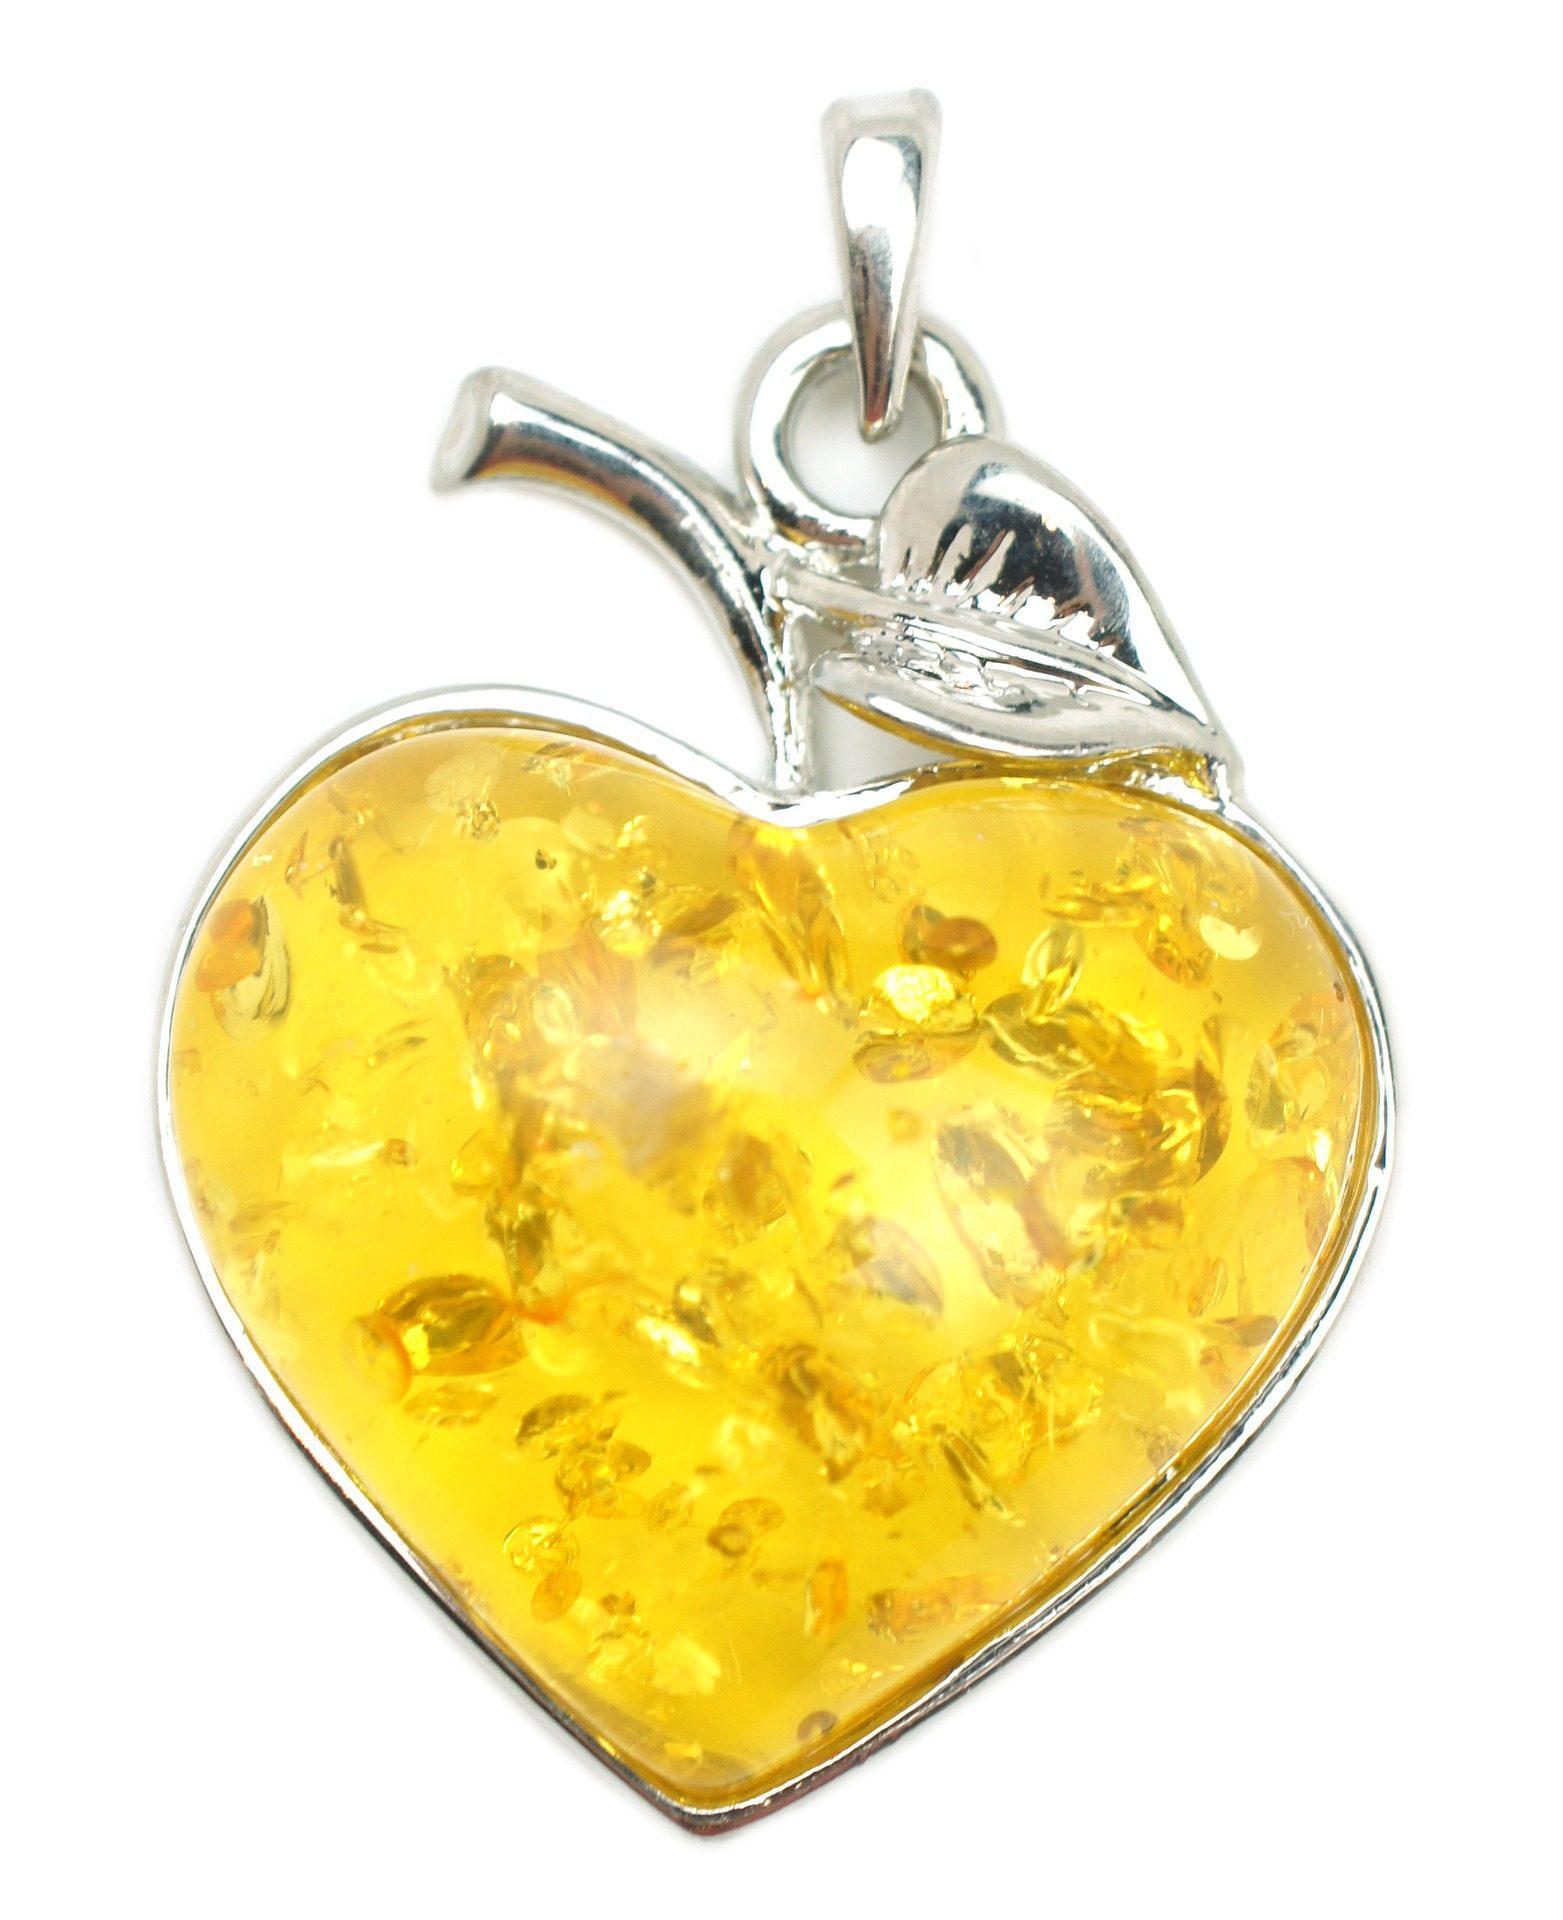 heated amber